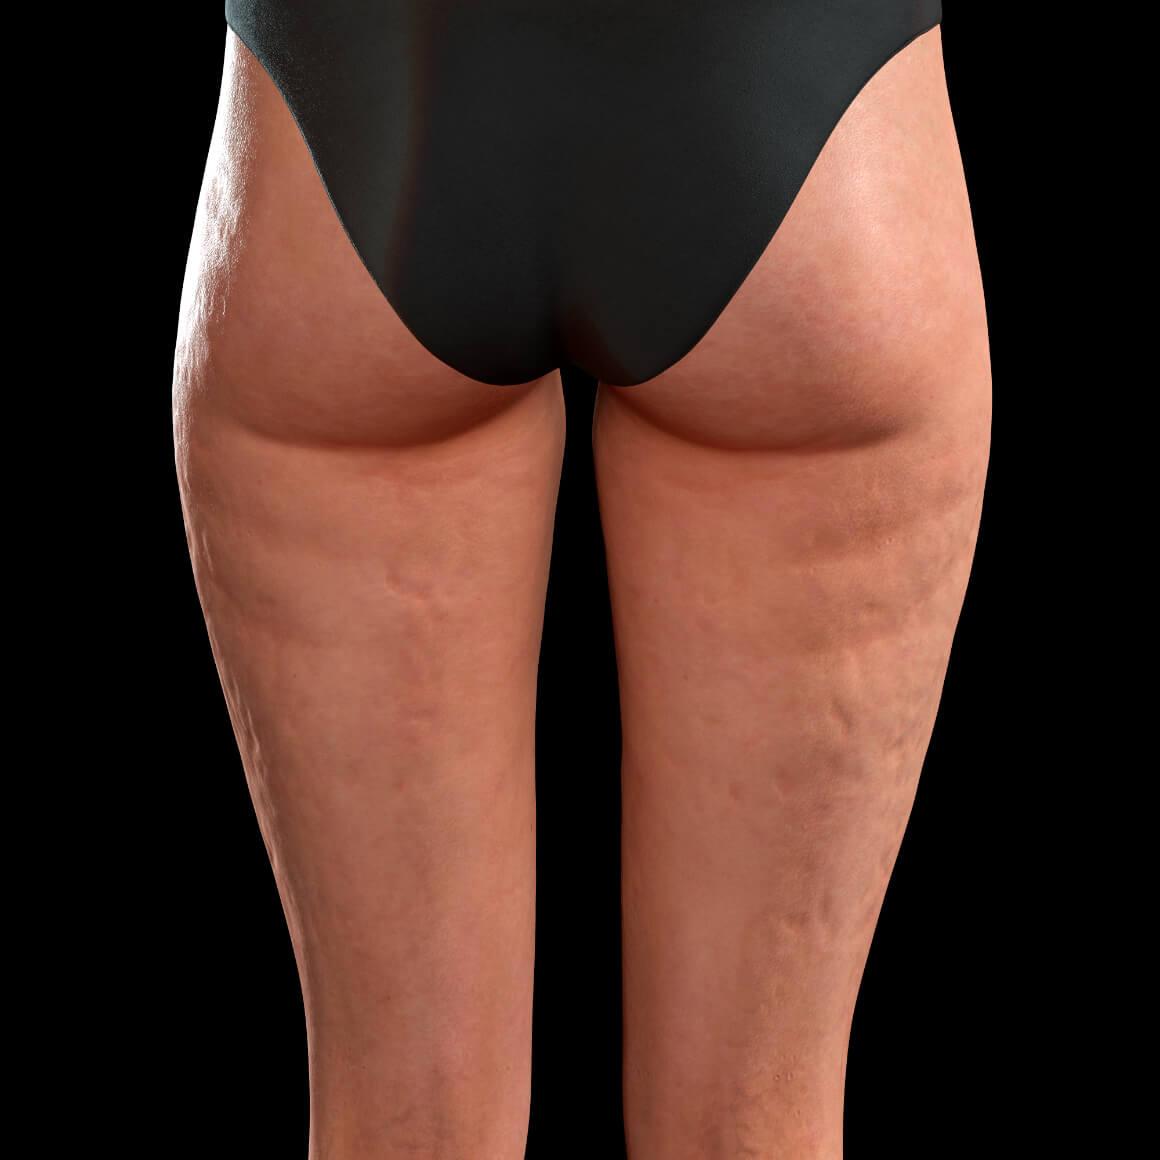 Cuisses postérieures d'une patiente de la Clinique Chloé montrant de la cellulite